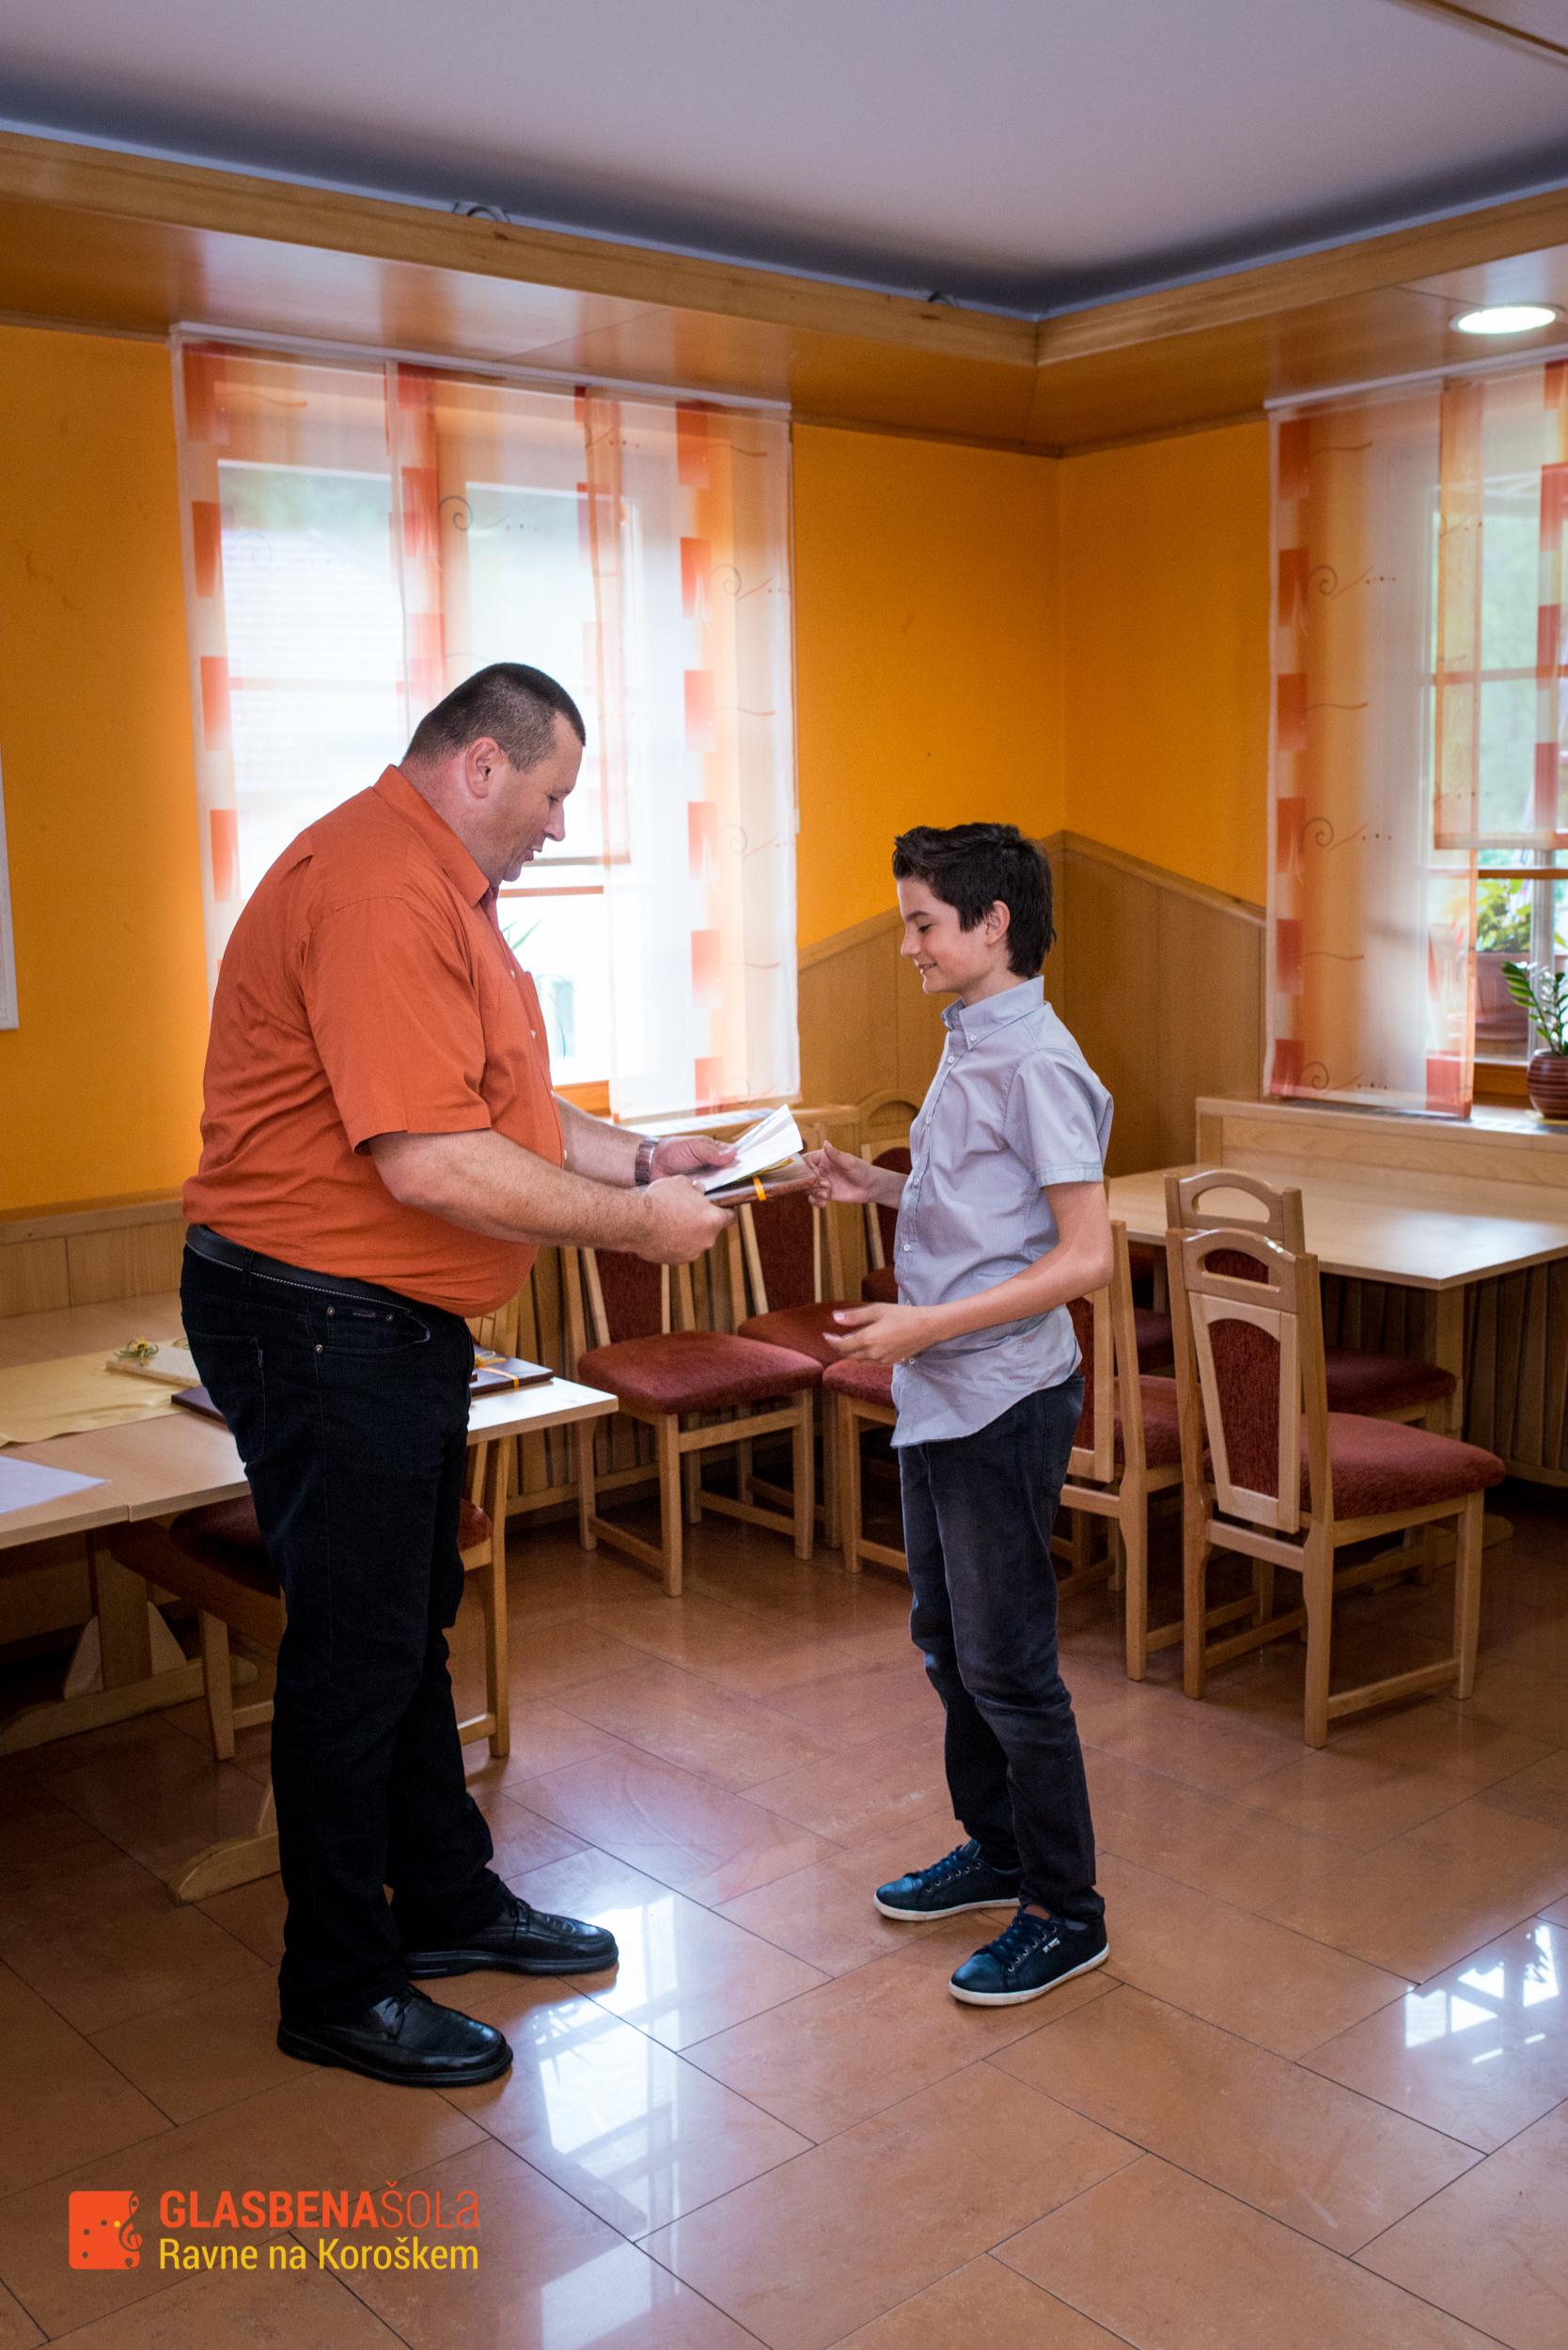 podelitev-prizanj_062015-13